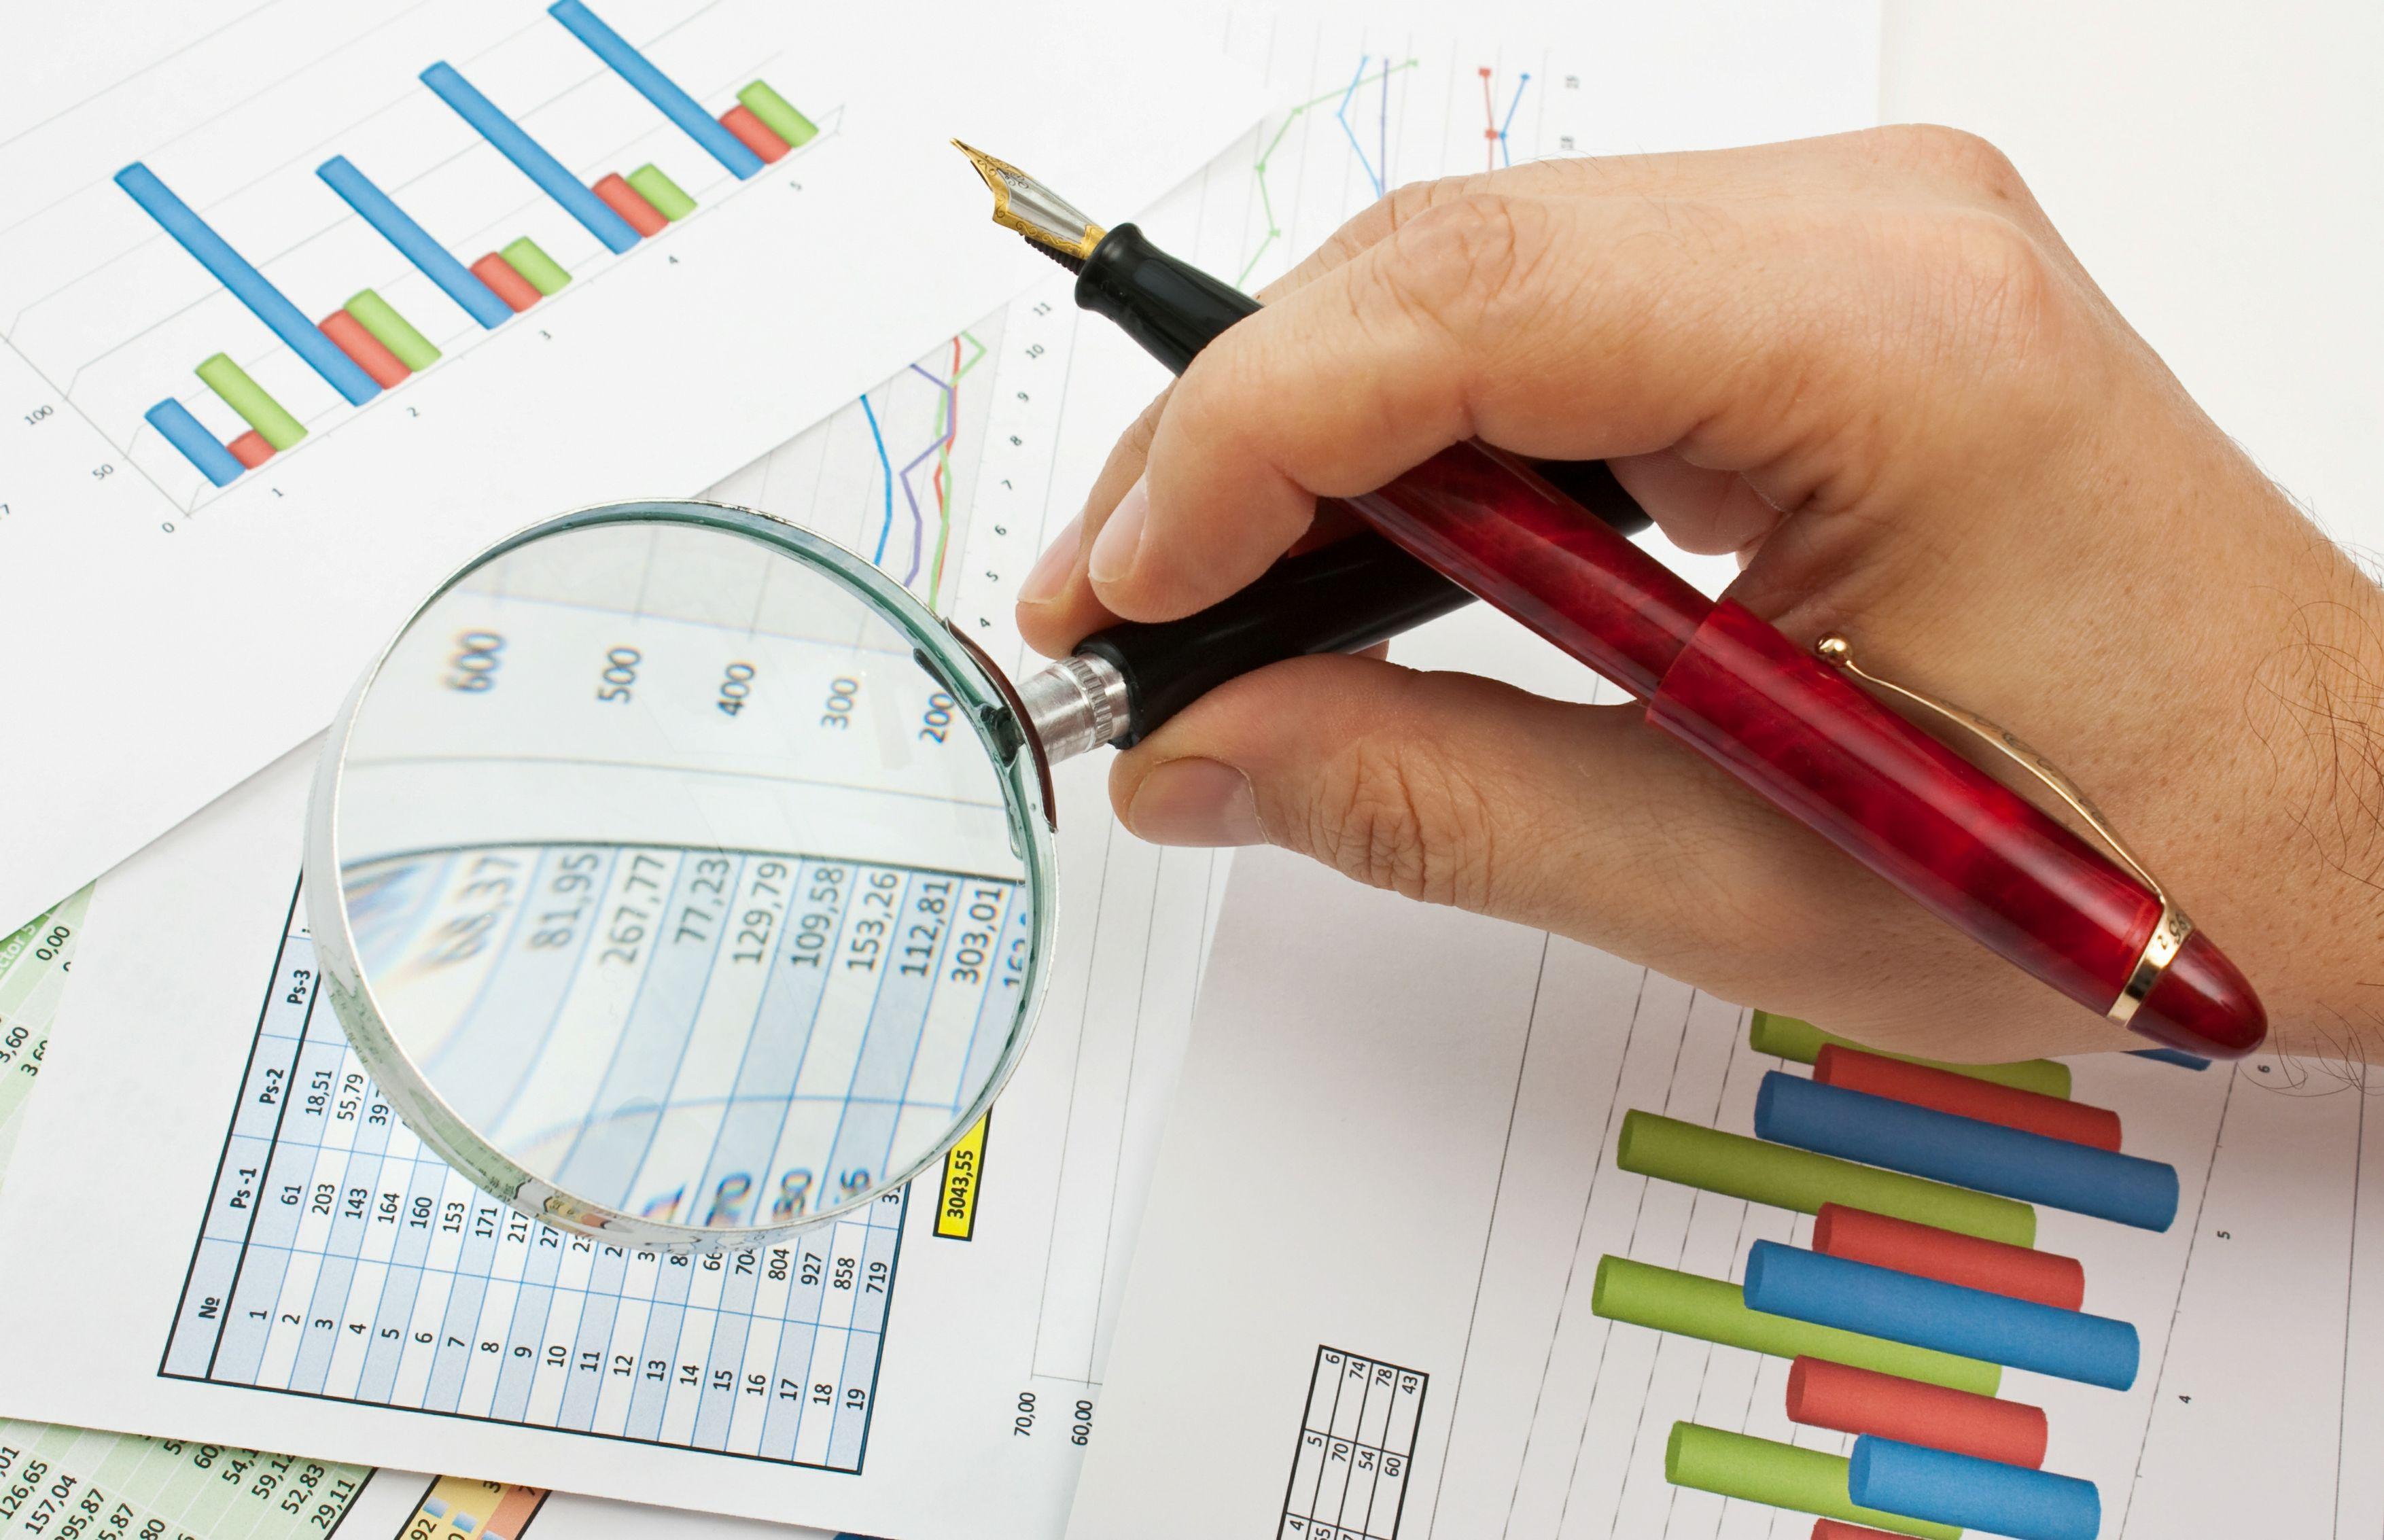 格隆汇A股公告精选(7.18)   贵州茅台披露2019年半年报净利润升26.56%至199.51亿元  多家公司抛出大额定增配股方案